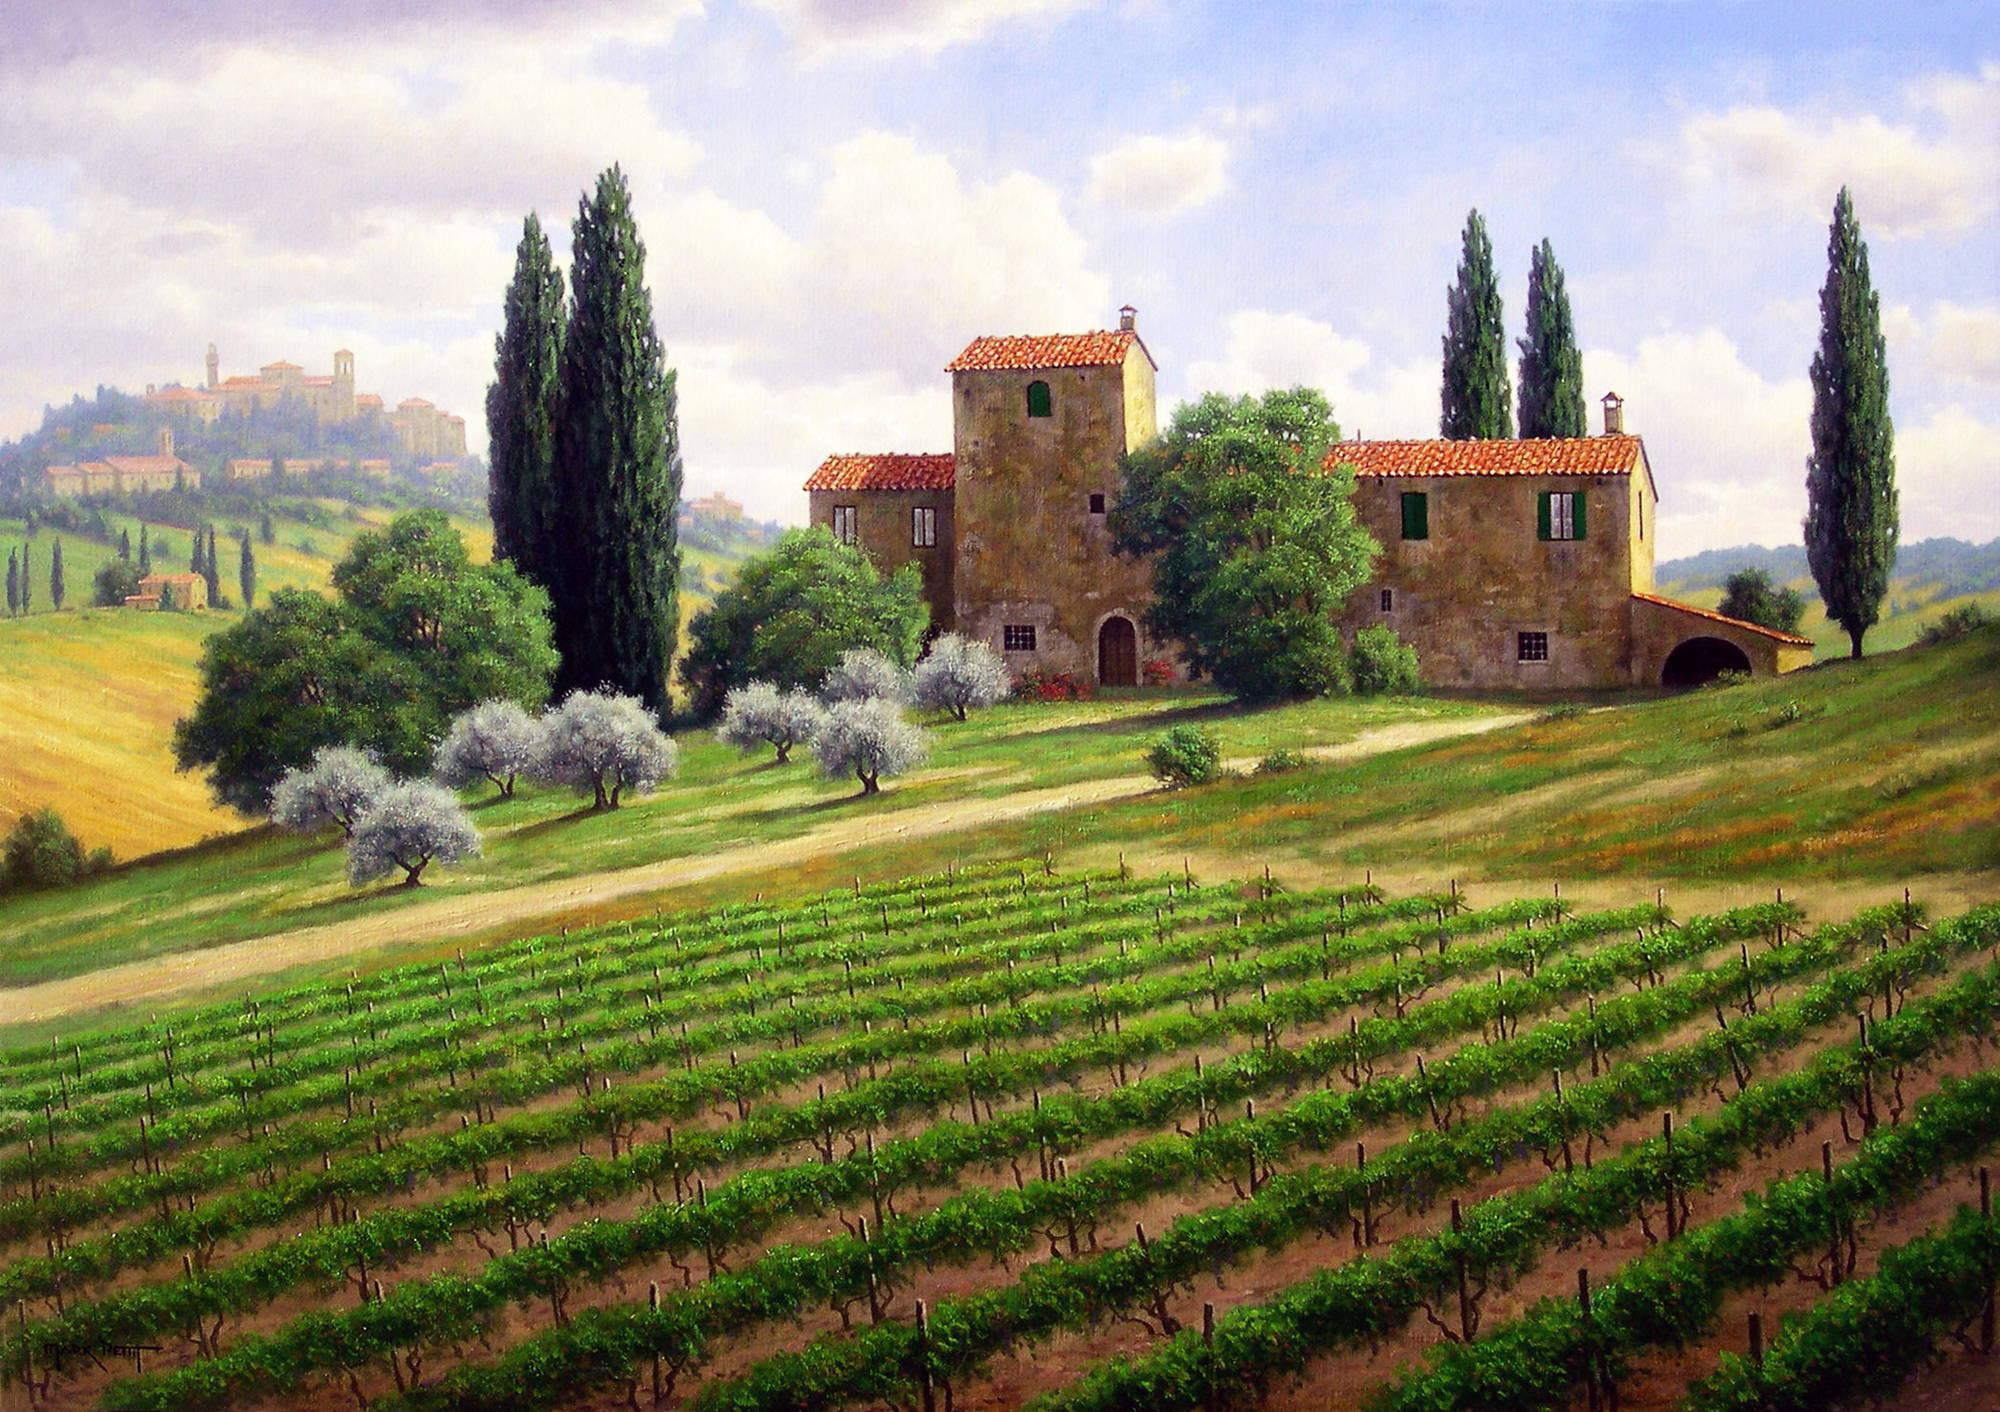 Виноградники марк петтит